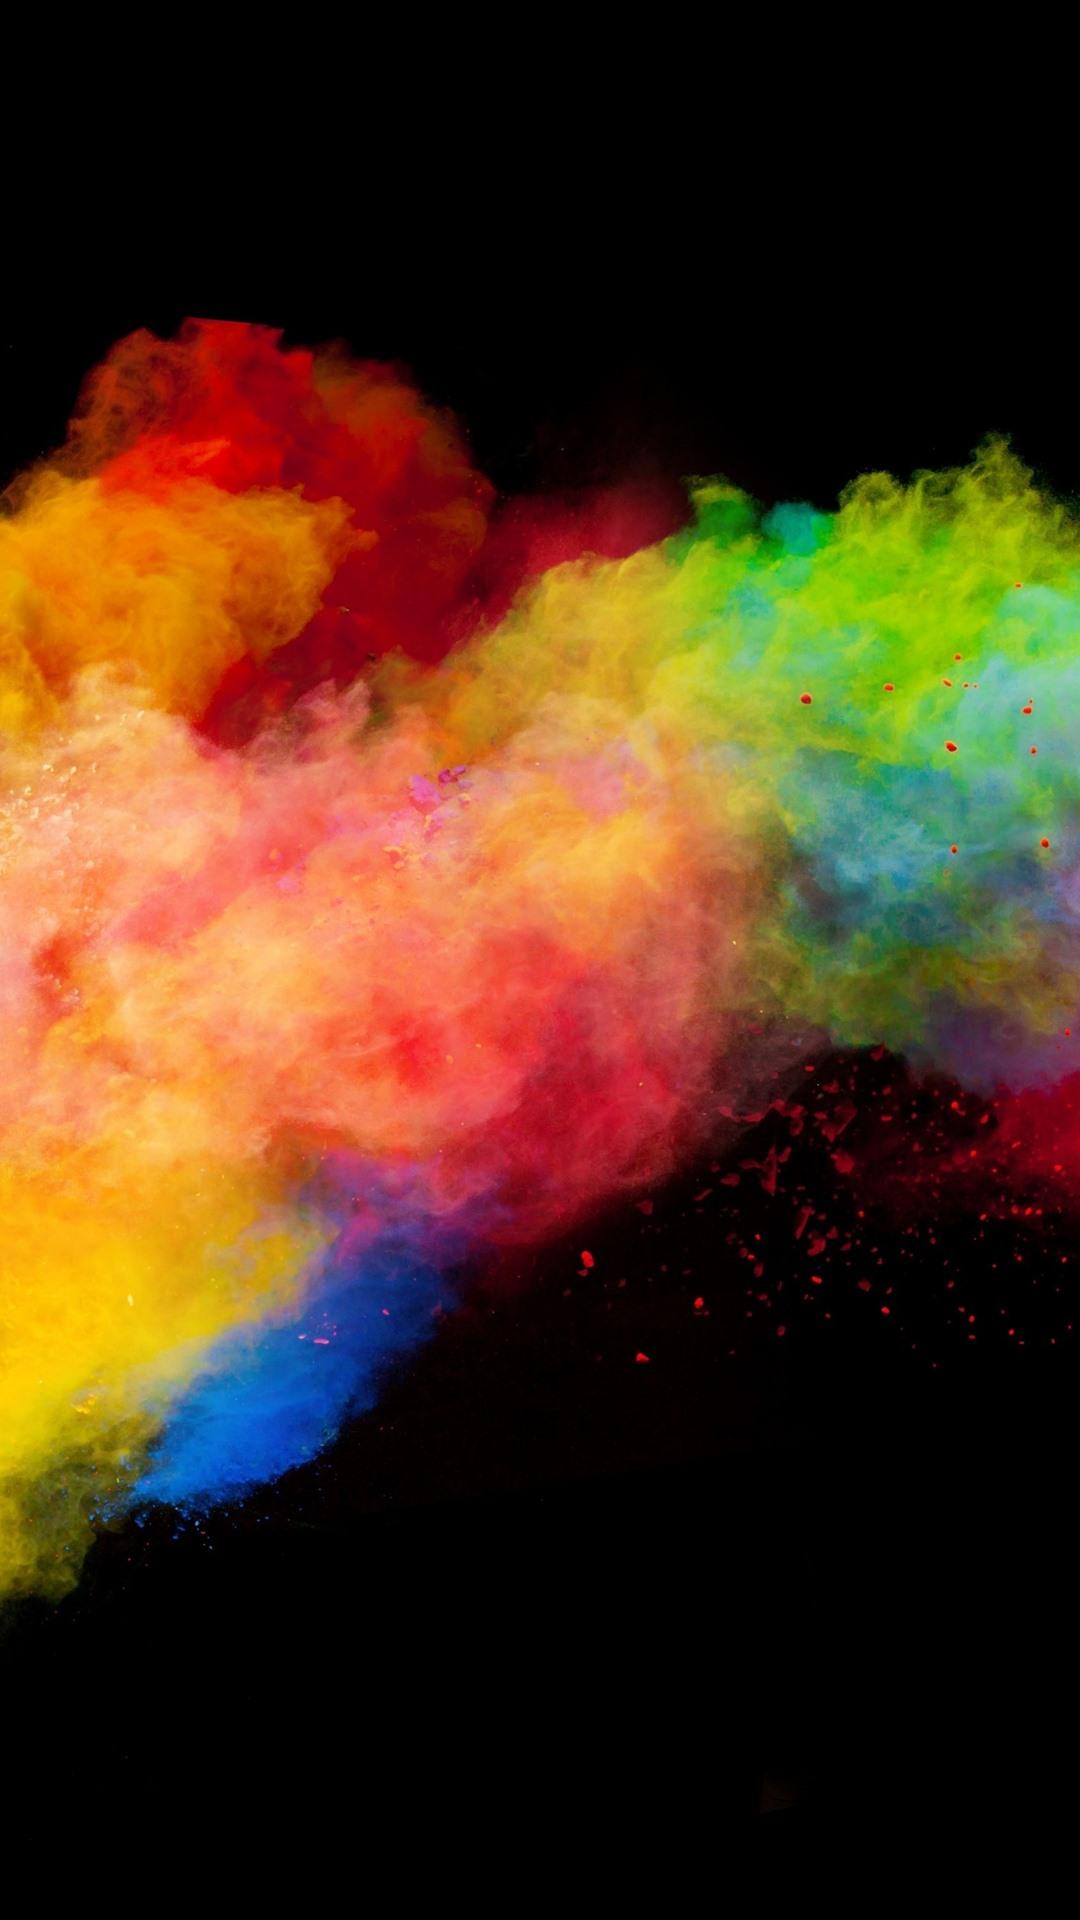 壁紙 カラフルな煙 虹色 黒の背景 3840x2160 Uhd 4k 無料の